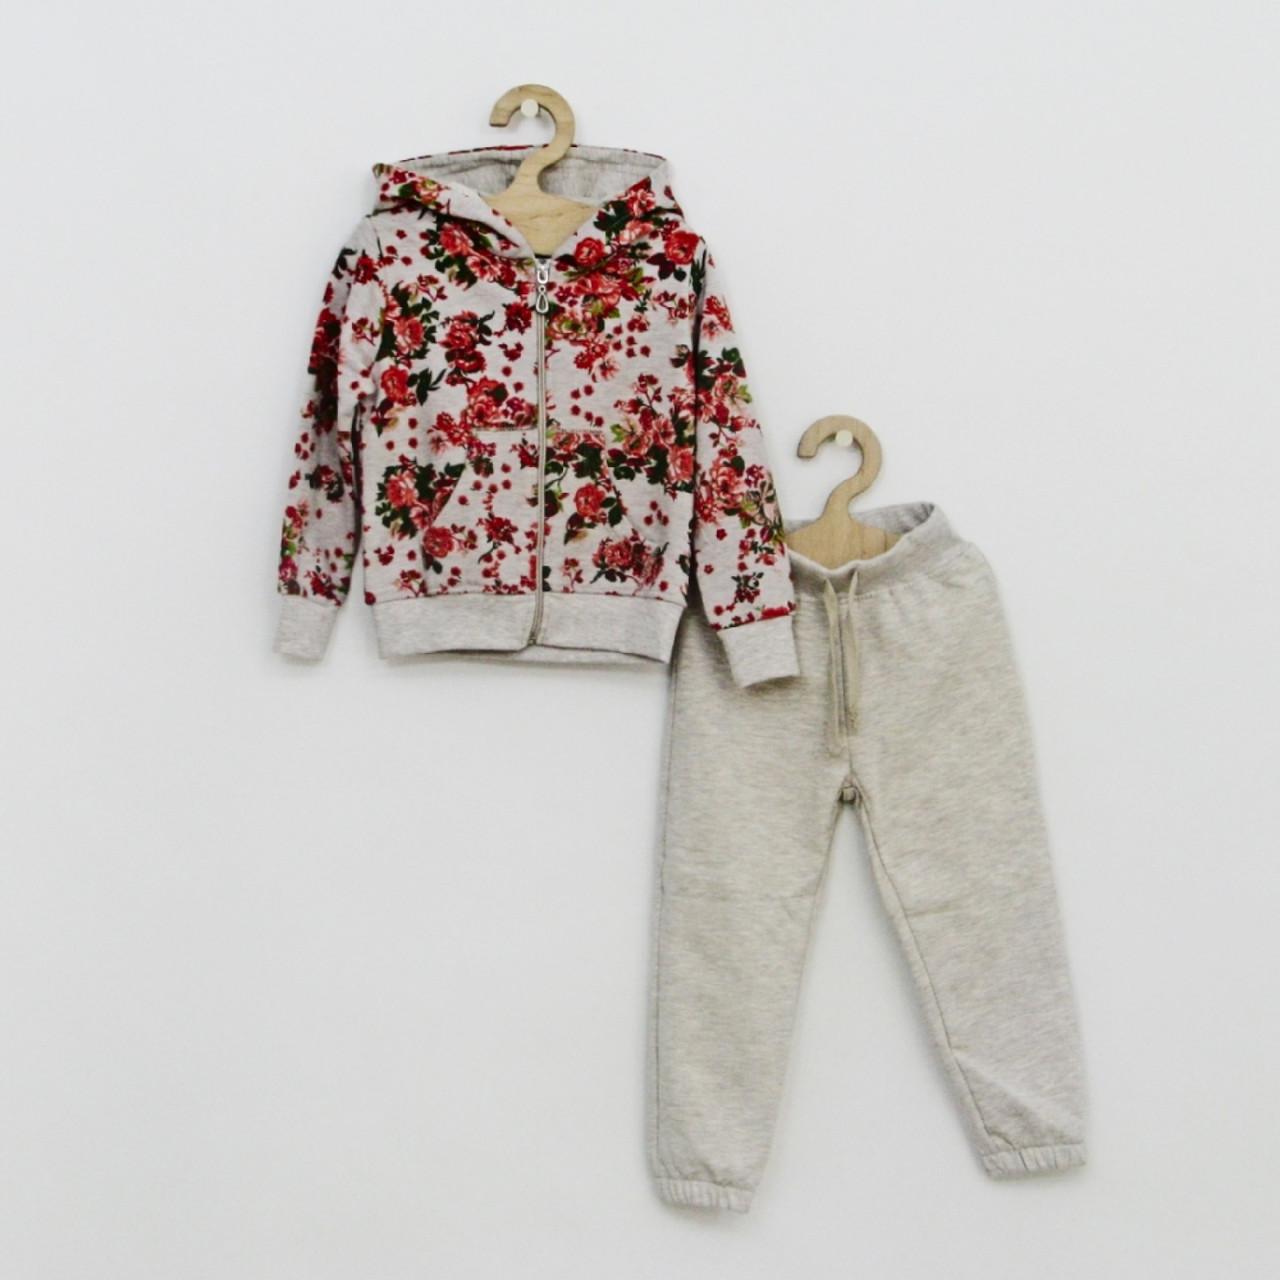 7c3e4006a871 Теплый спортивный костюм с цветочным рисунком для девочки - Любі діти в  Киевской области